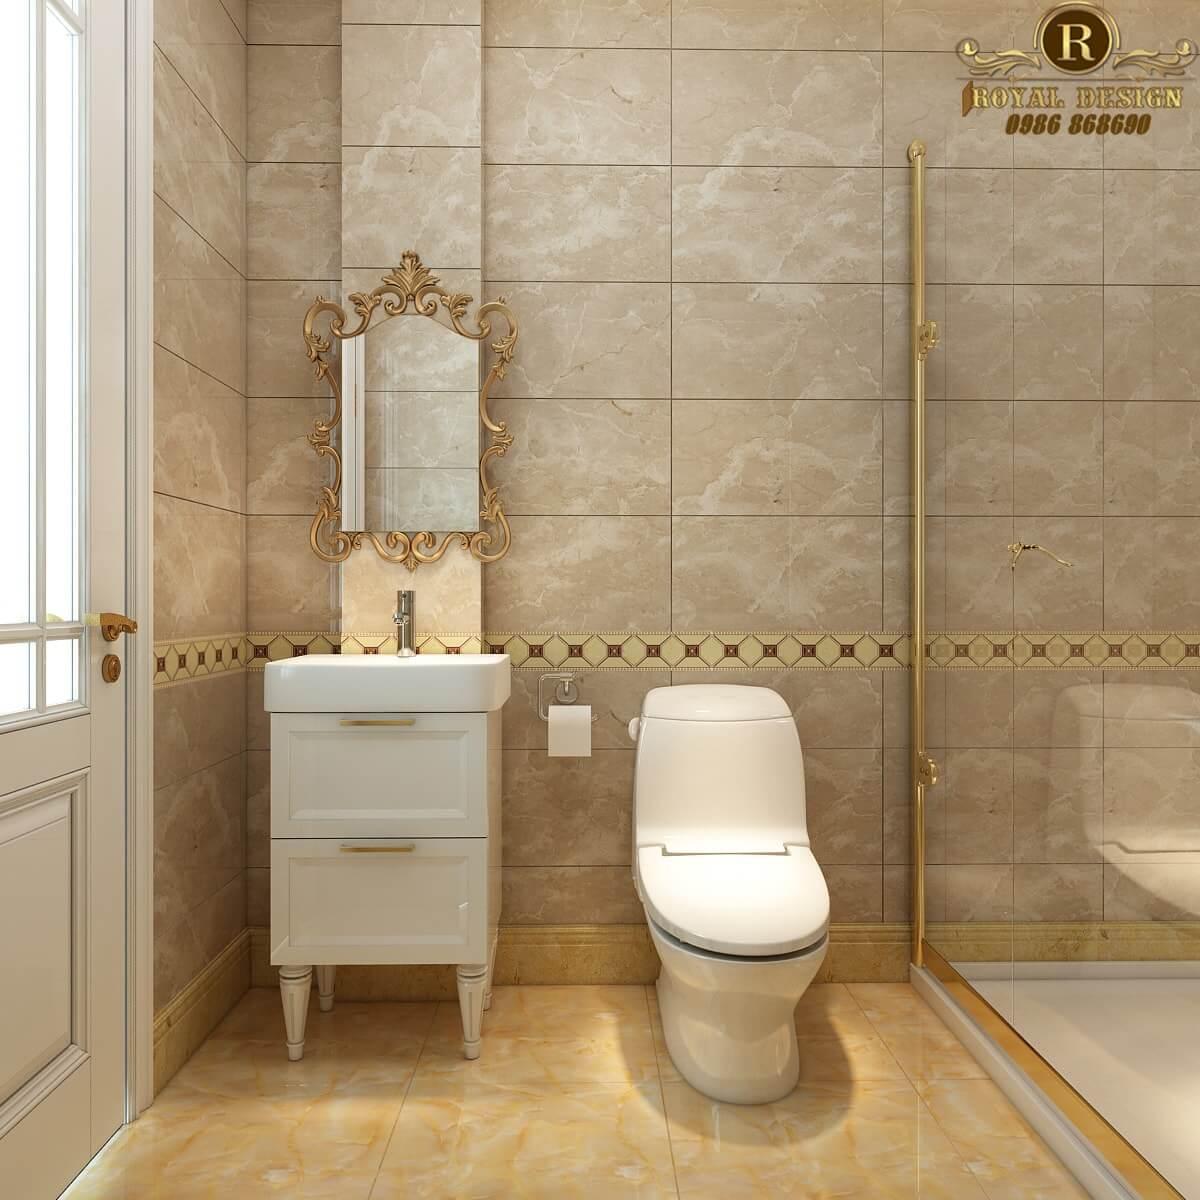 Nội thất phòng tắm tân cổ điển Vinhome Thăng Long